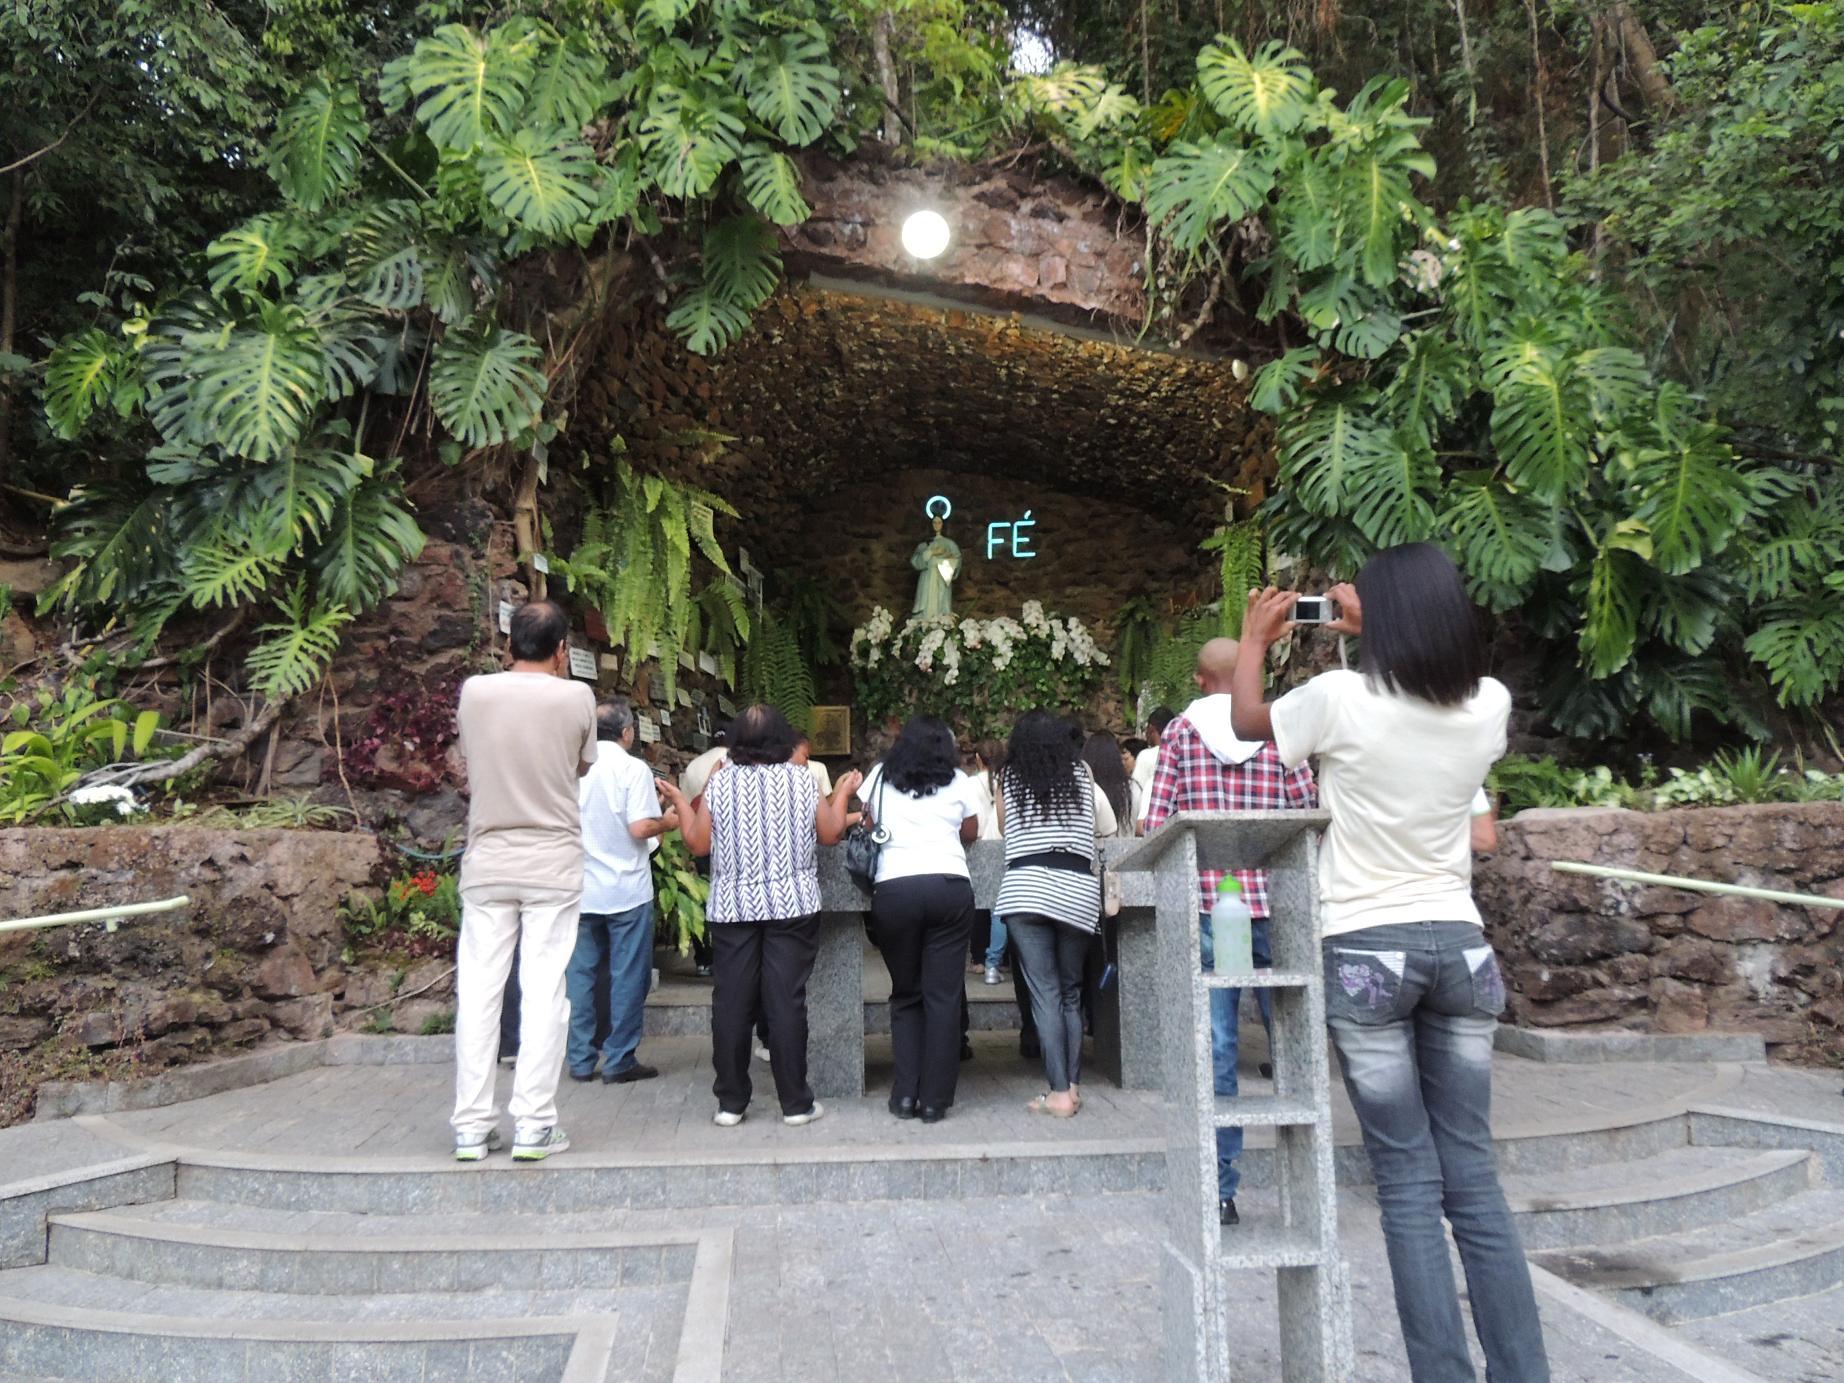 Nuestra Señora de Itaúna, Aparece a Decenas de Personas, Brasil (27 jul)